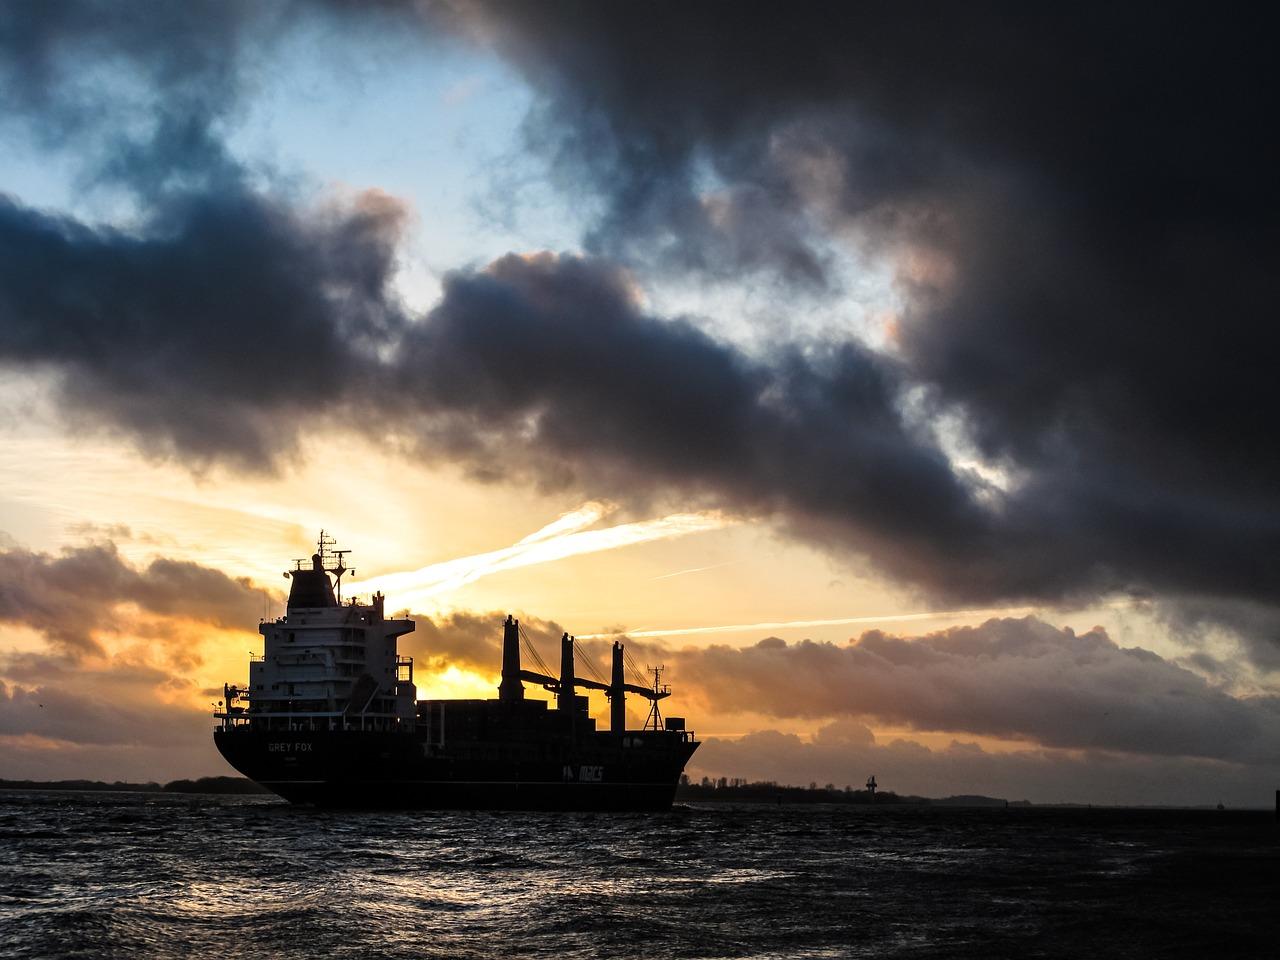 Πετρέλαιο: Kαταποντίζεται η τιμή του αργού λόγω κορονοϊού